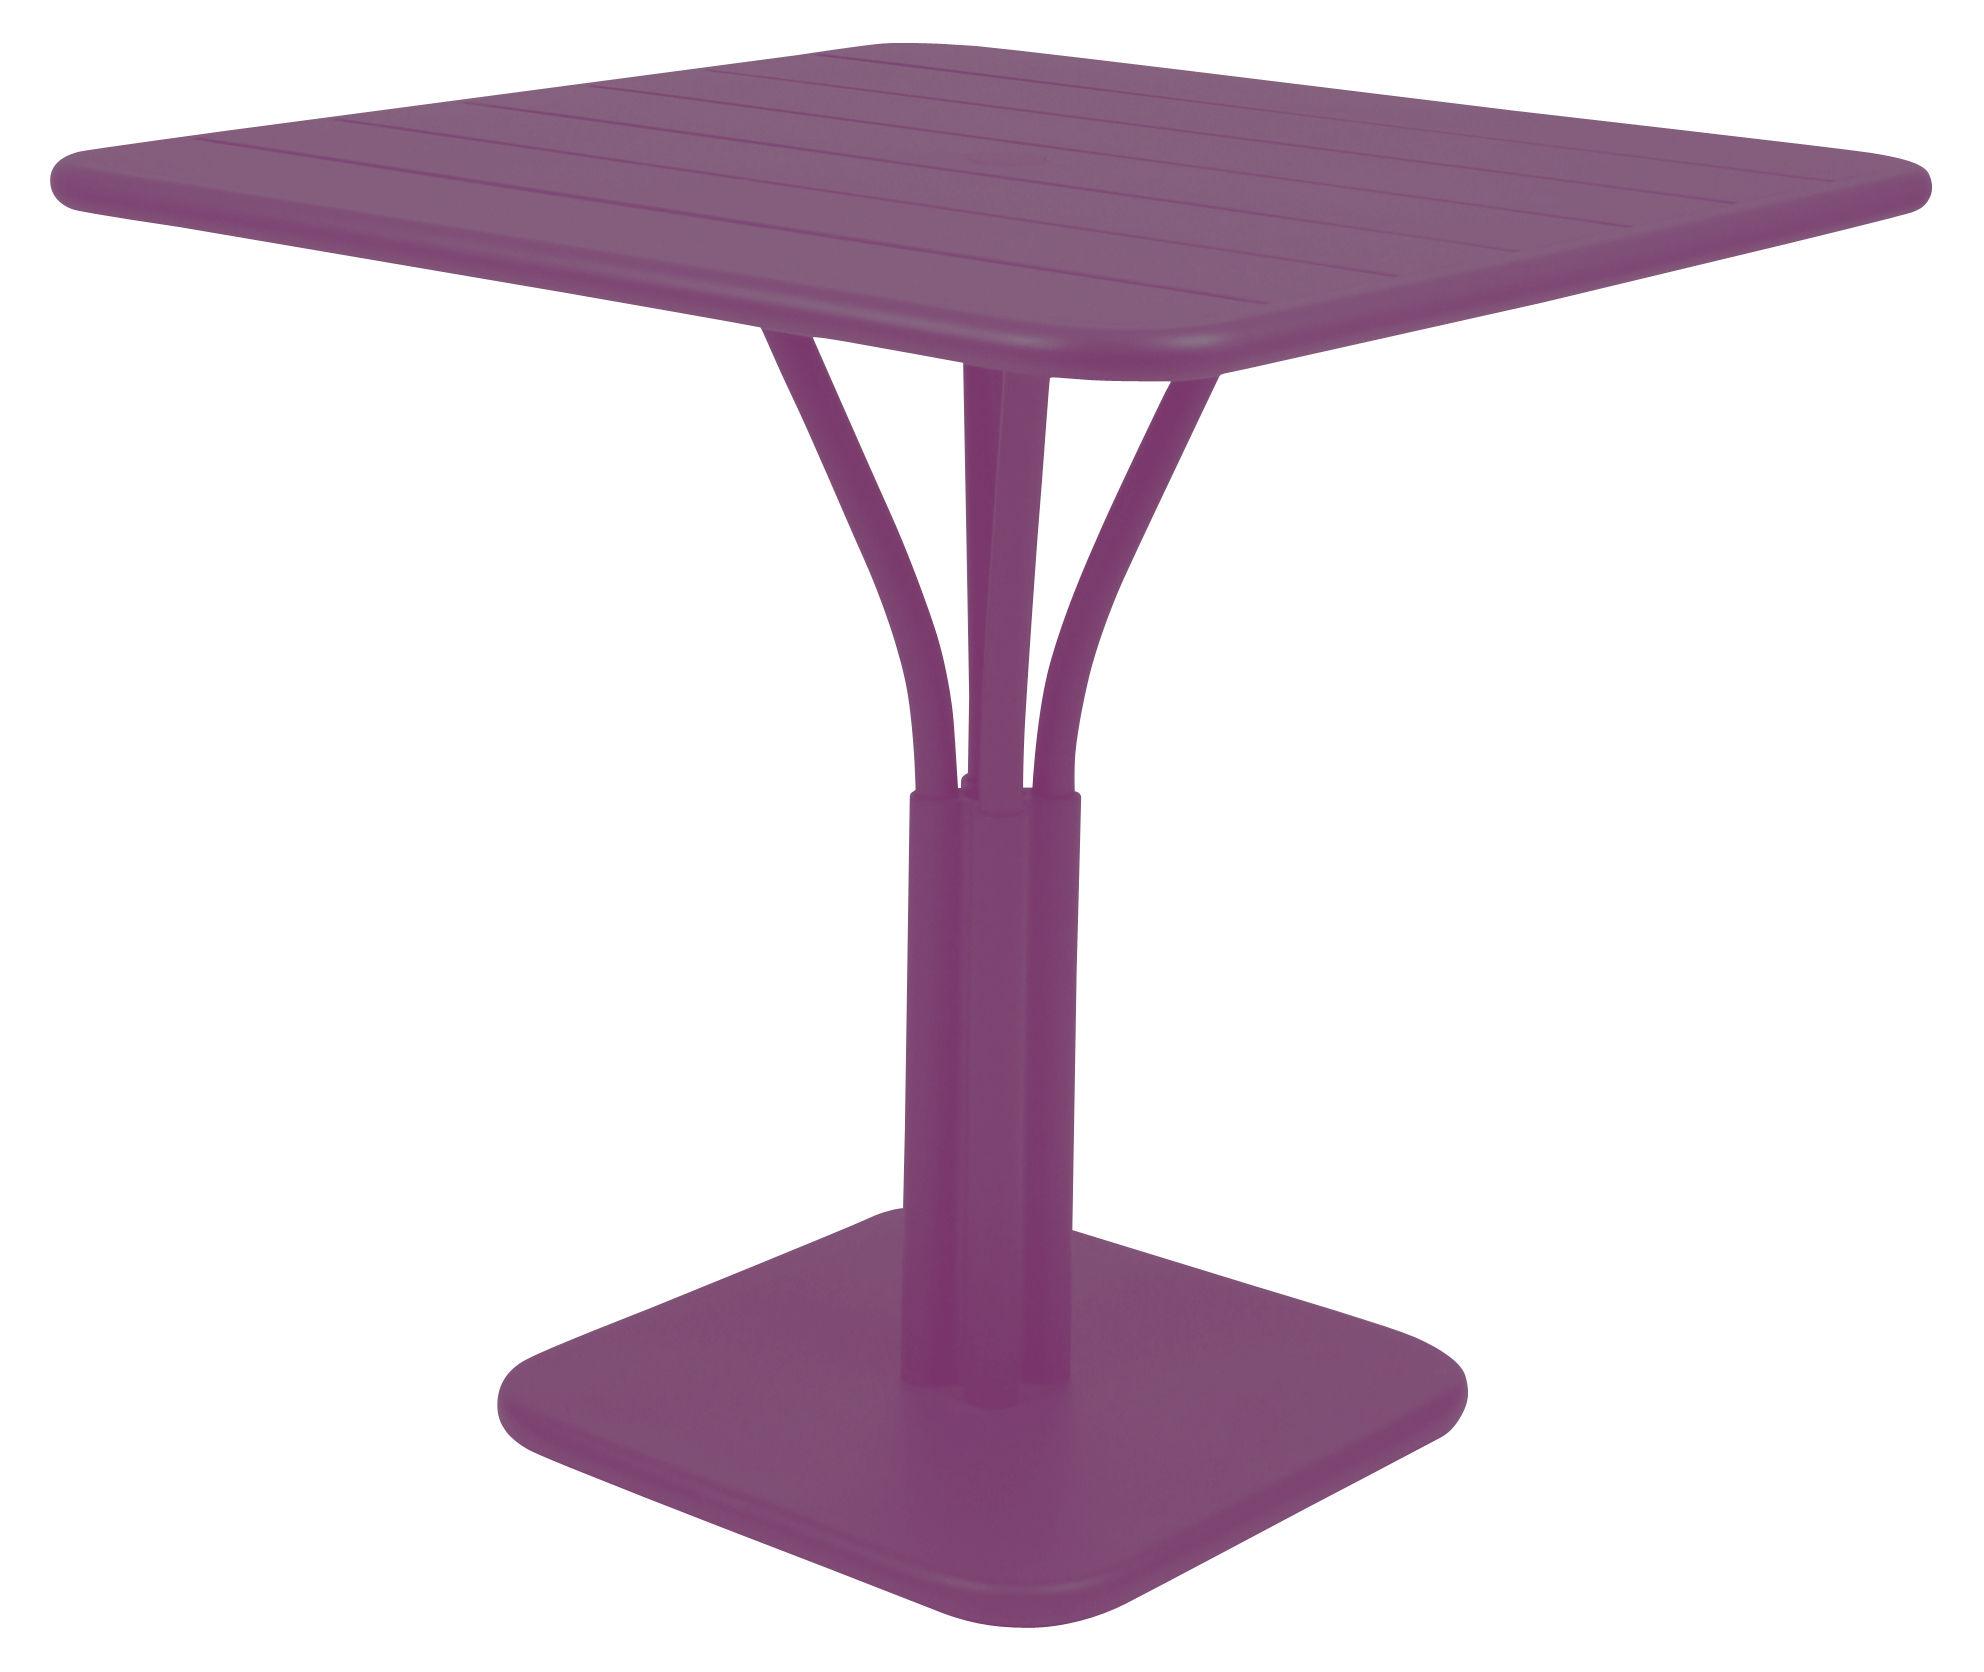 Life Style - Tavolo quadrato Luxembourg - 80 x 80 cm di Fermob - Melanzana - Alluminio laccato